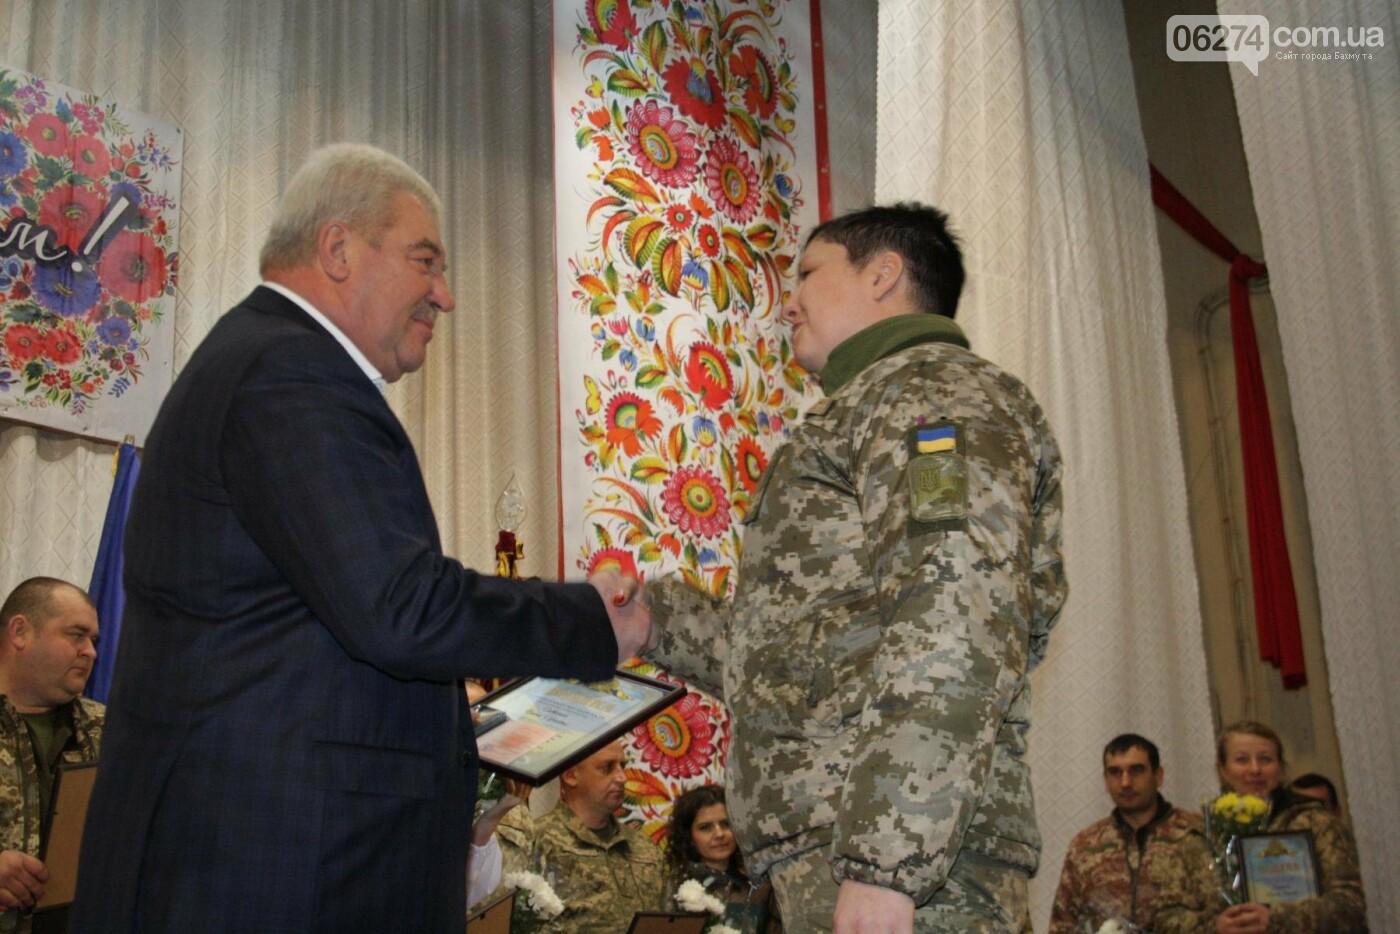 В Бахмуте поздравили военнослужащих с Днем ВСУ, фото-11